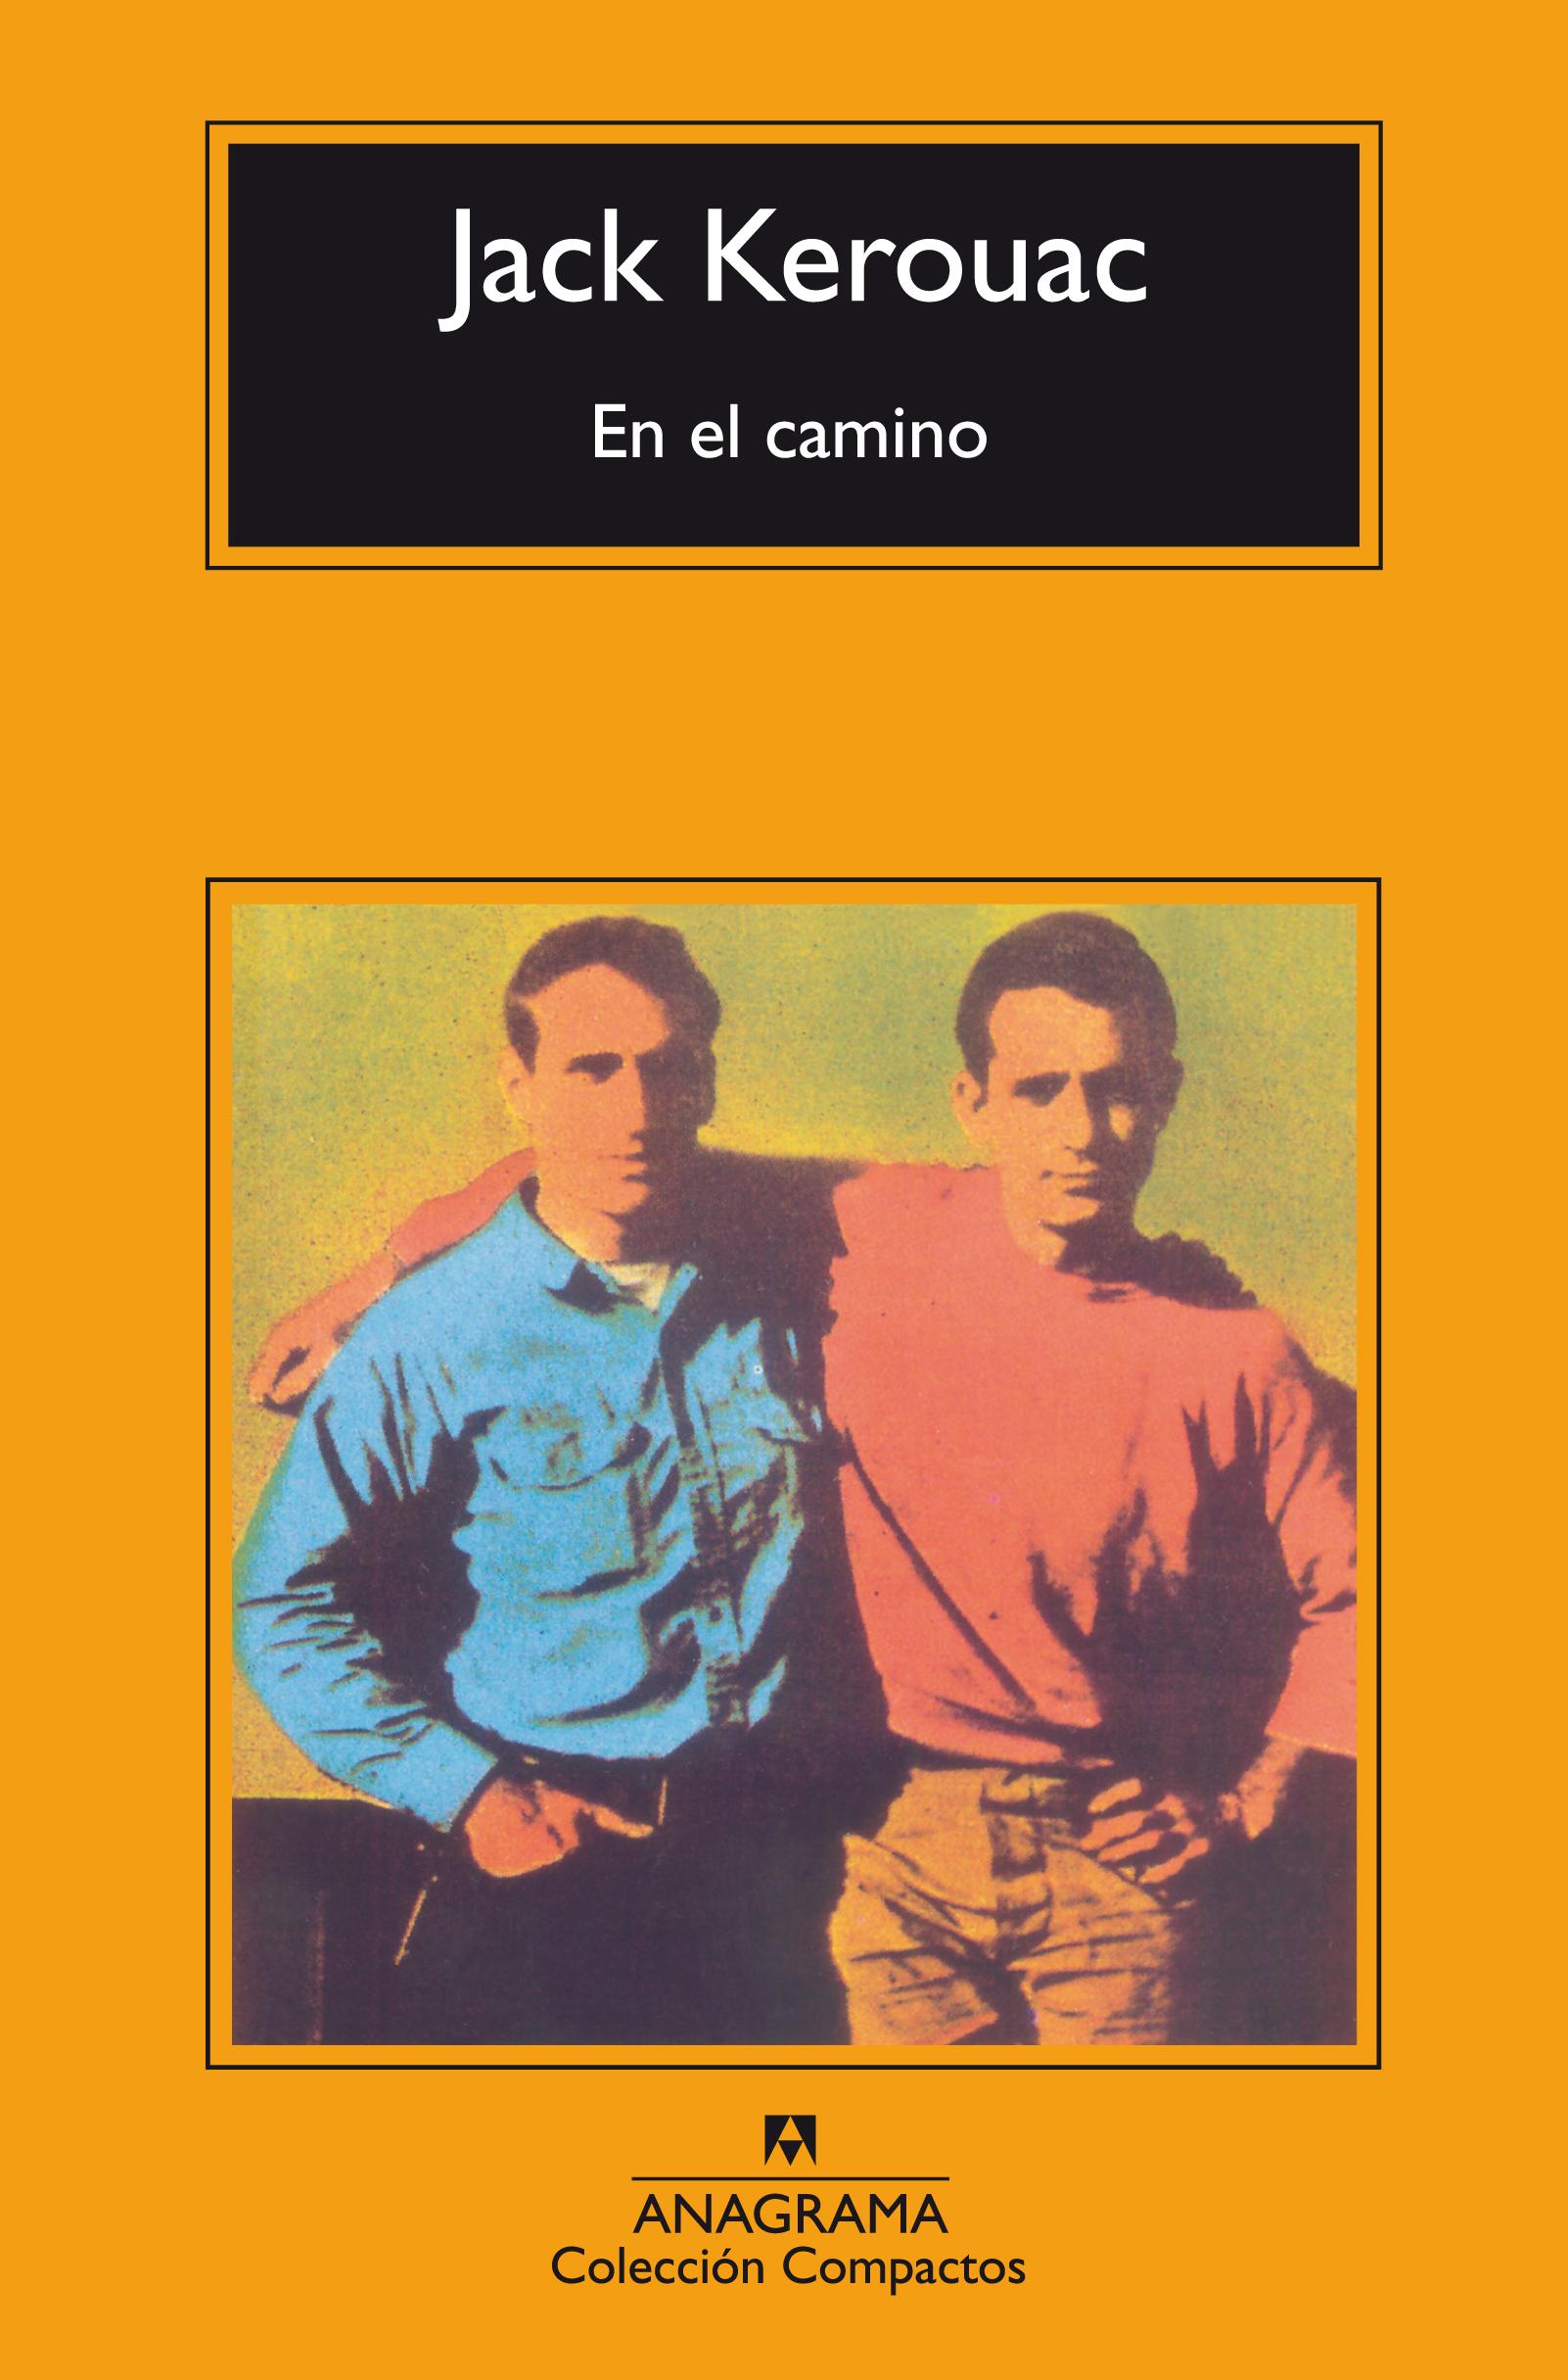 En el camino - Kerouac, Jack - 978-84-339-2014-0 - Editorial Anagrama